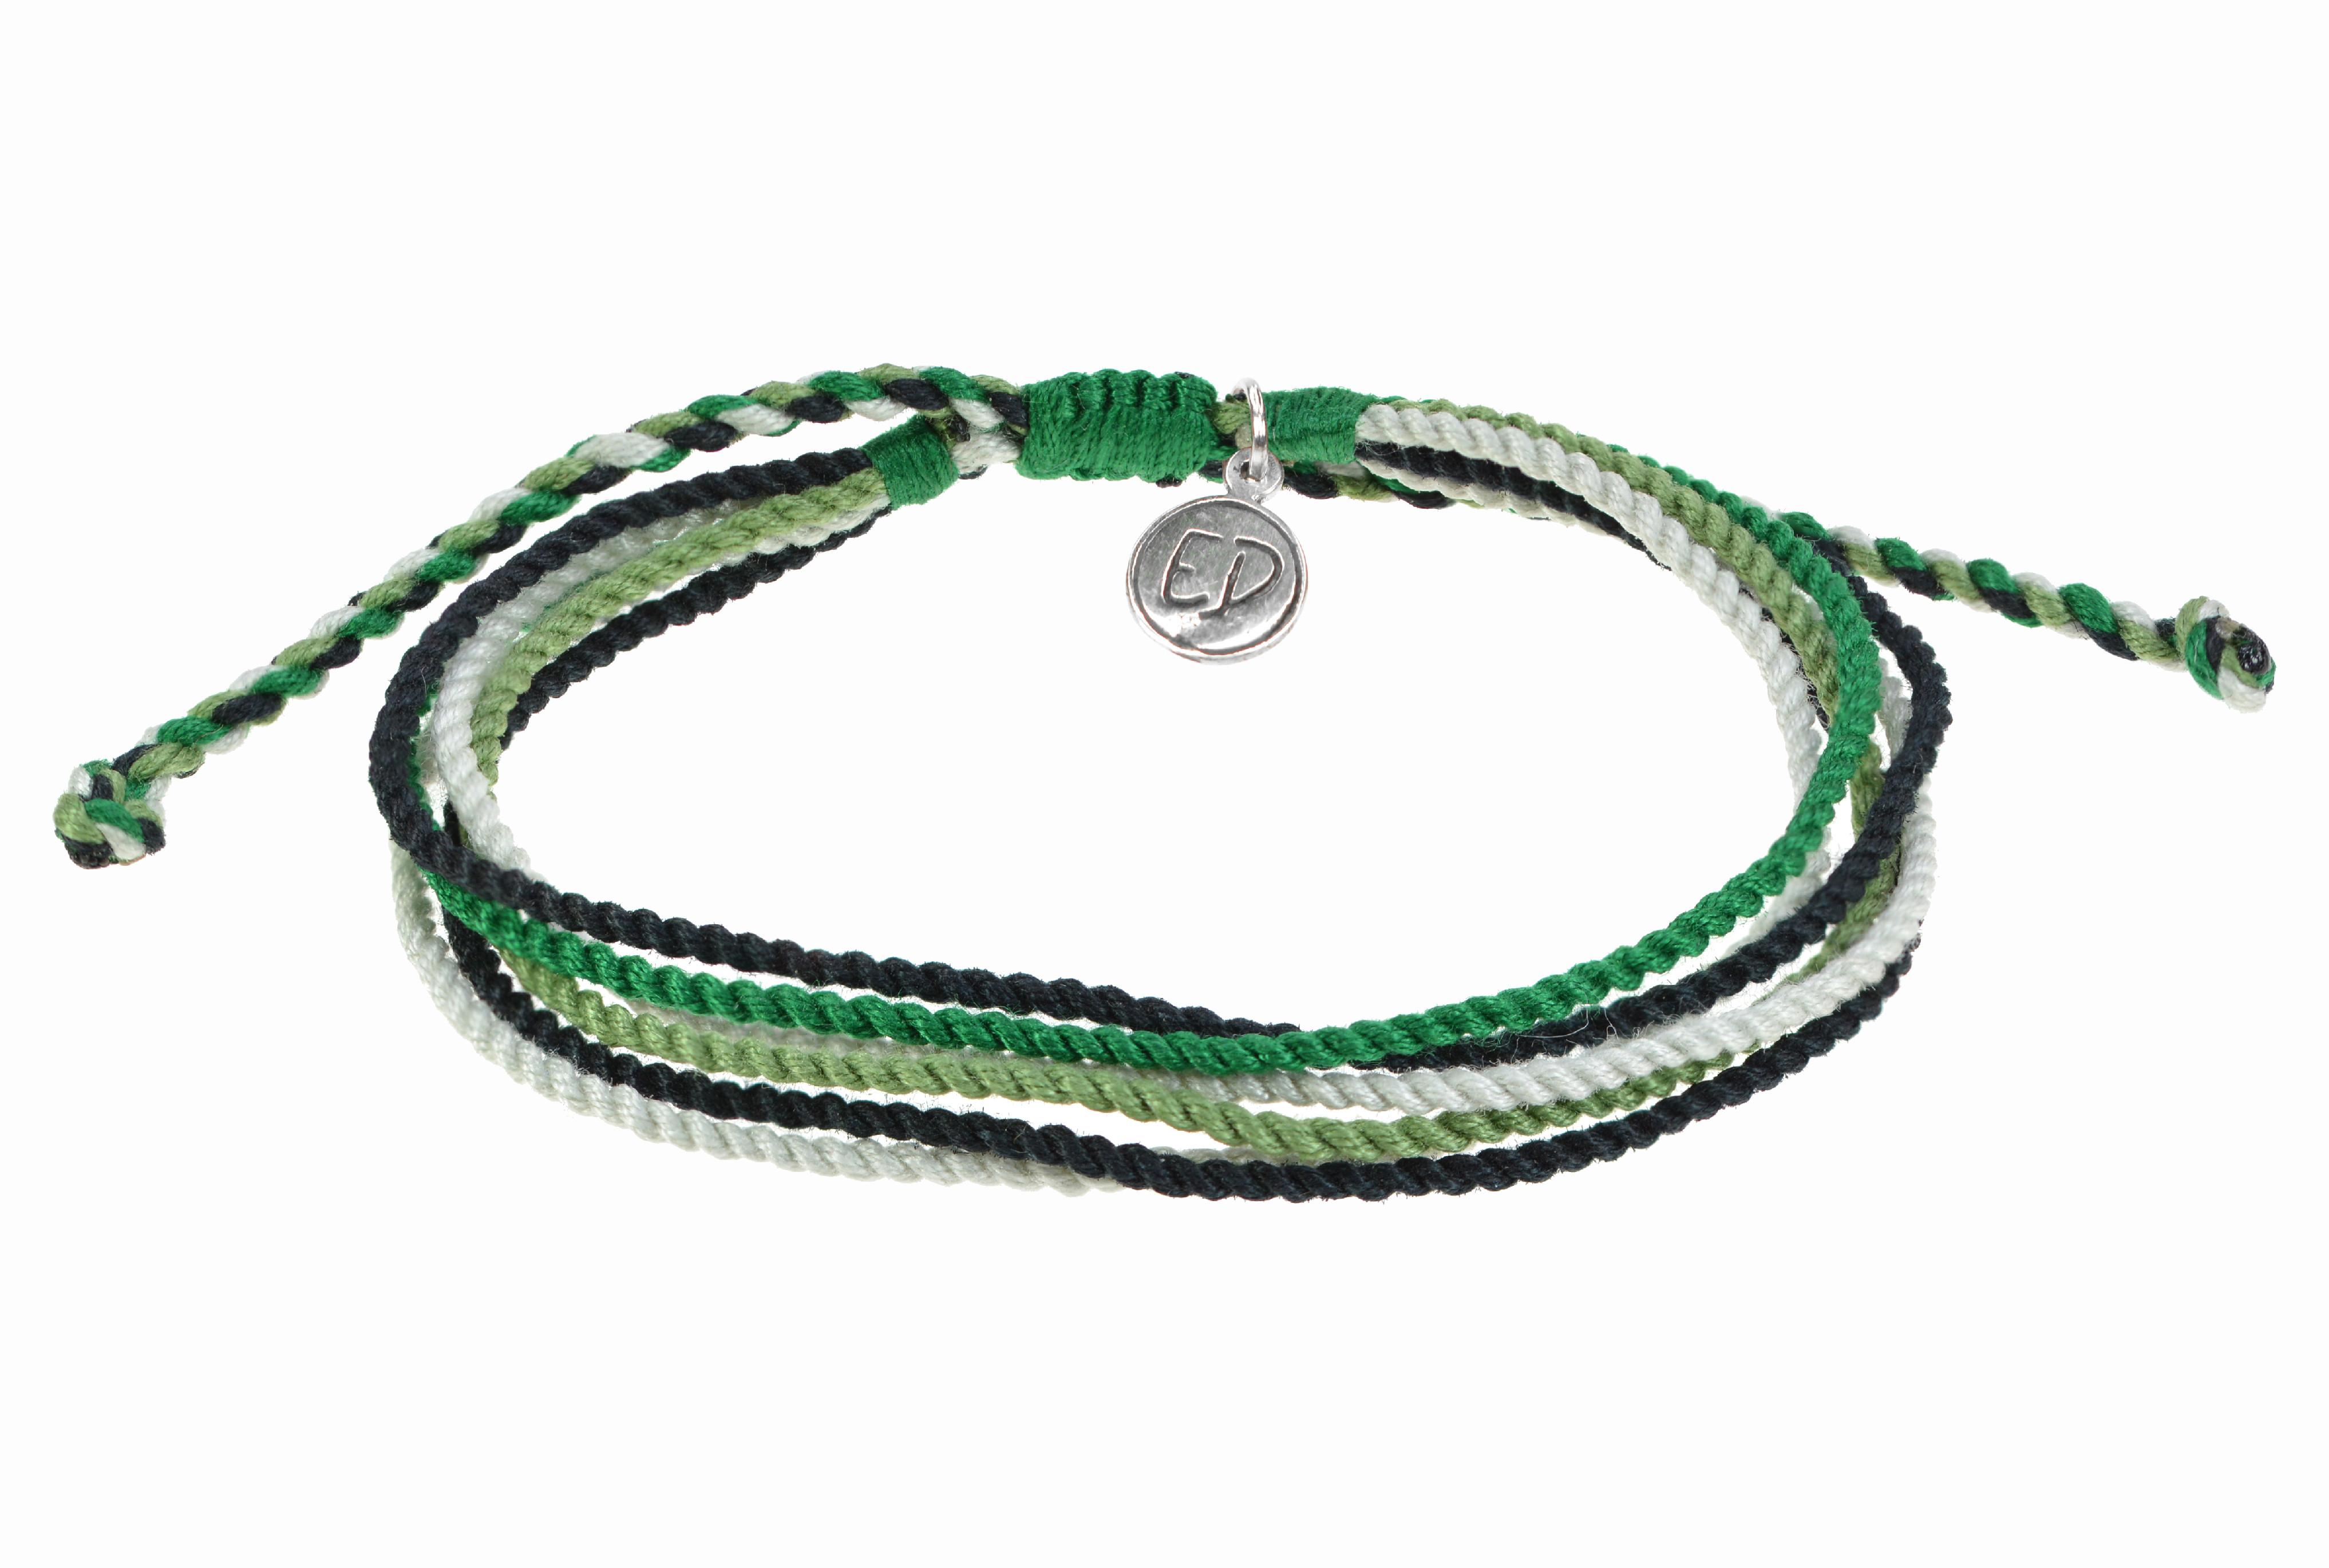 Unisex náramok z viacfarebných ručne tkaných šnúrok - zelený